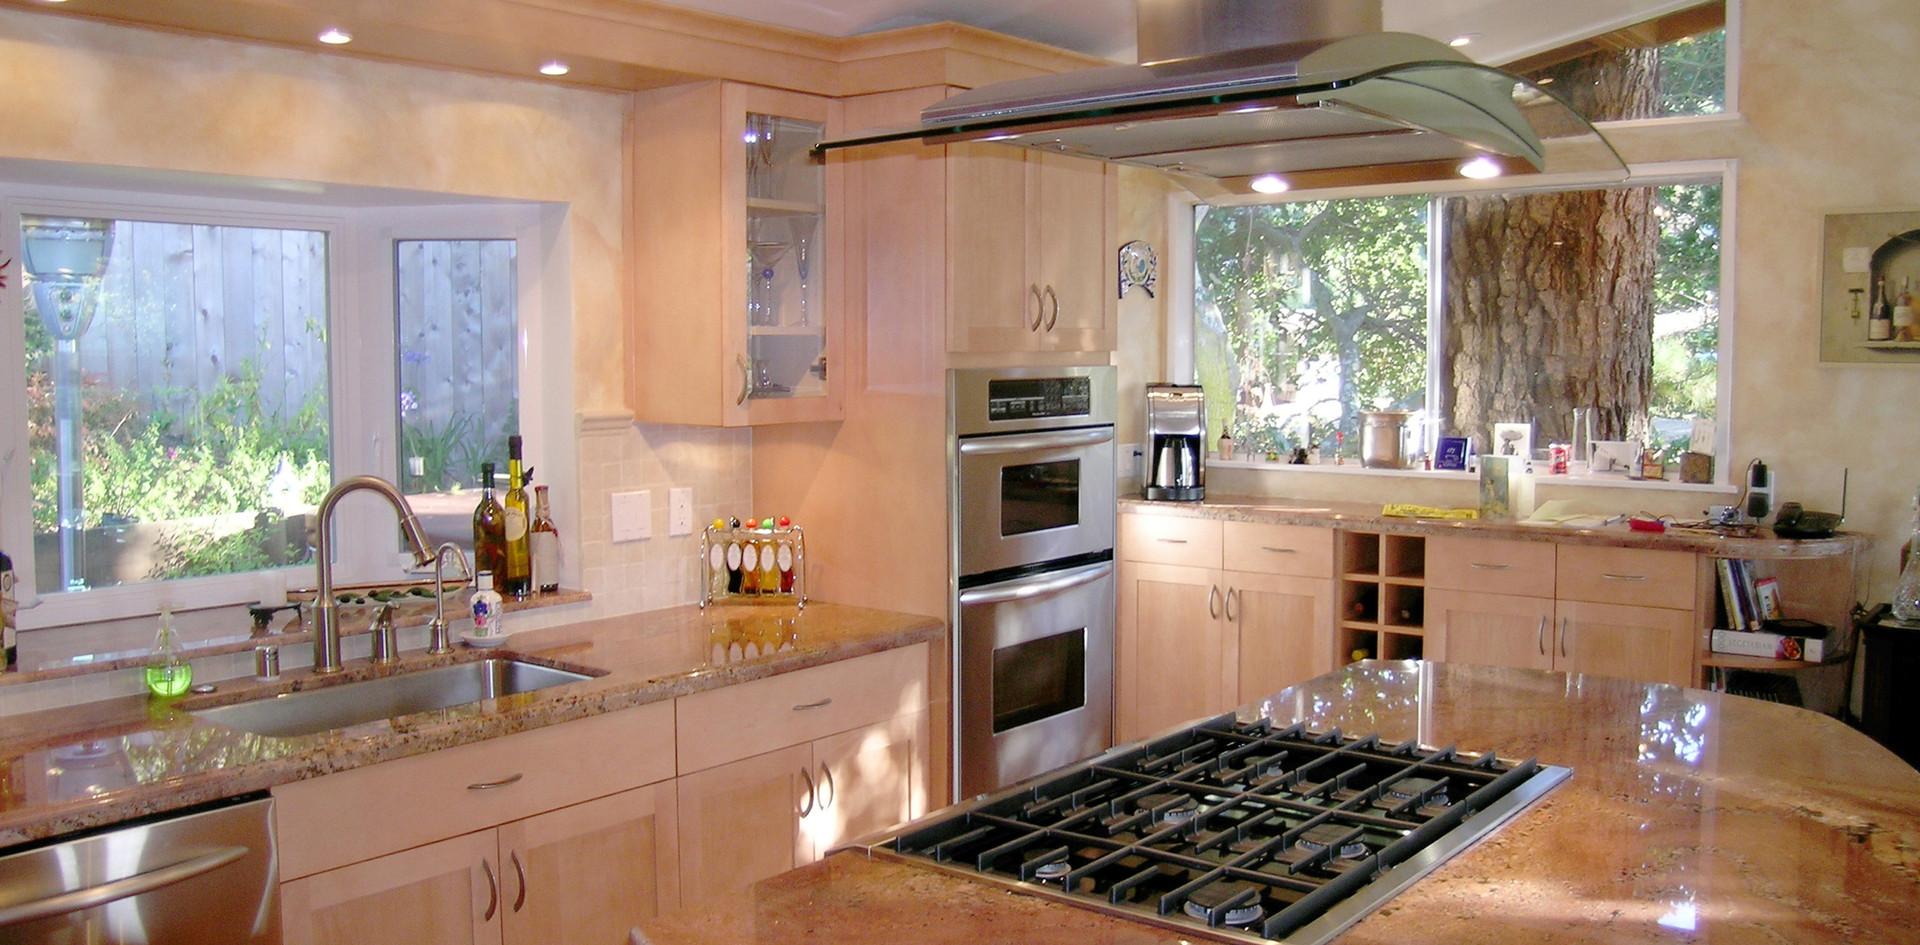 Kitchen Remodel Design By Rummy Dechner